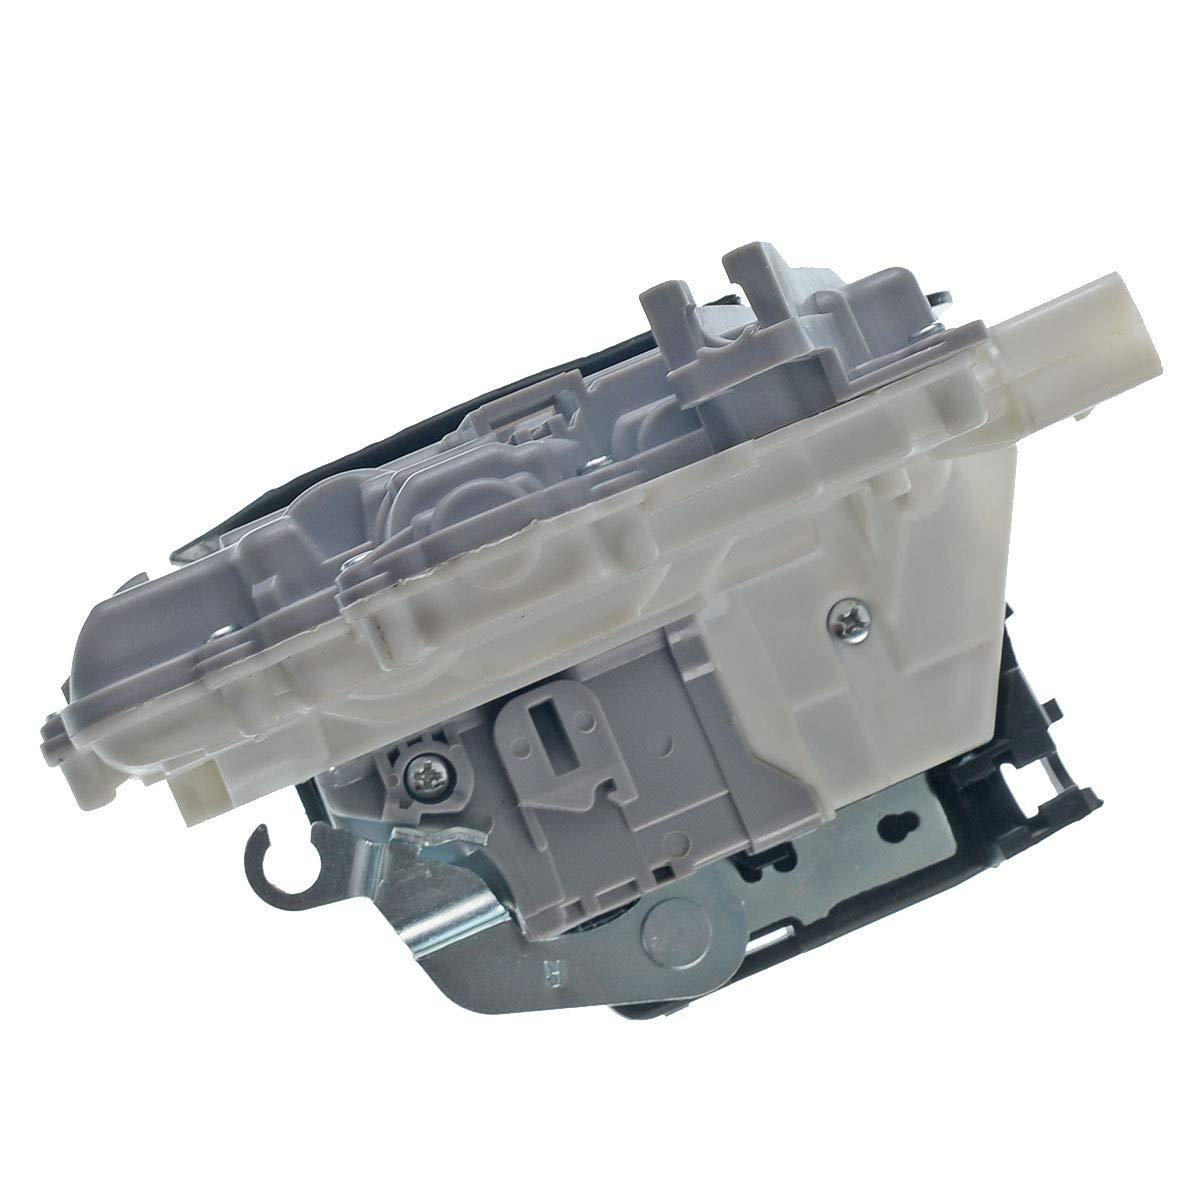 Stellmotor T/ürschloss Vorne Rechts f/ür Leon 1P Superb 3T EOS 1F 2004-2018